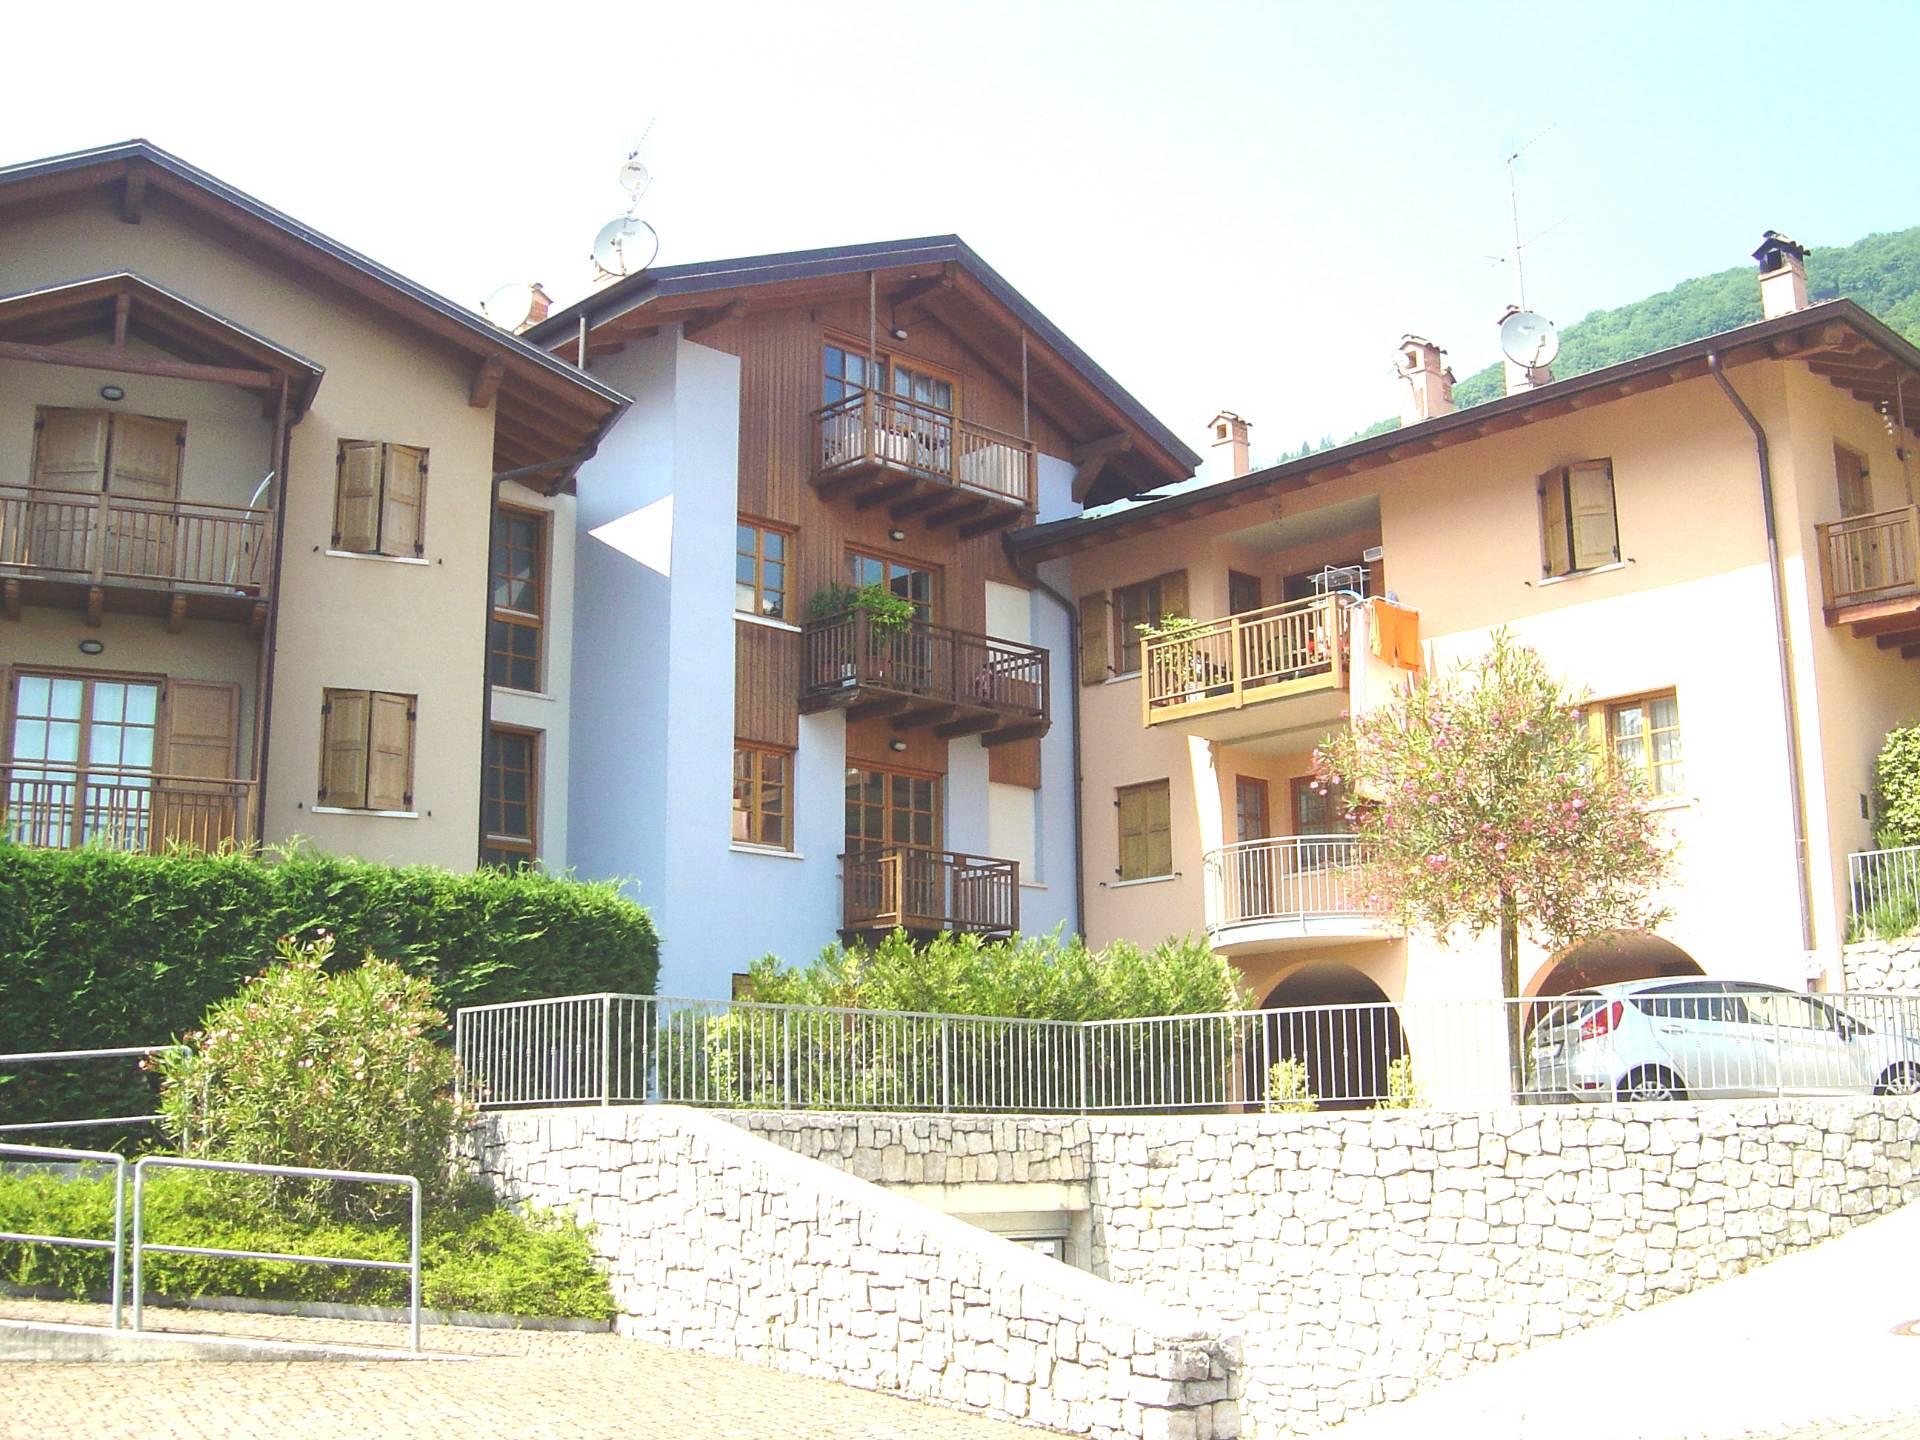 Appartamento in vendita a Tenno, 2 locali, zona Zona: Tenno, prezzo € 118.000   Cambio Casa.it